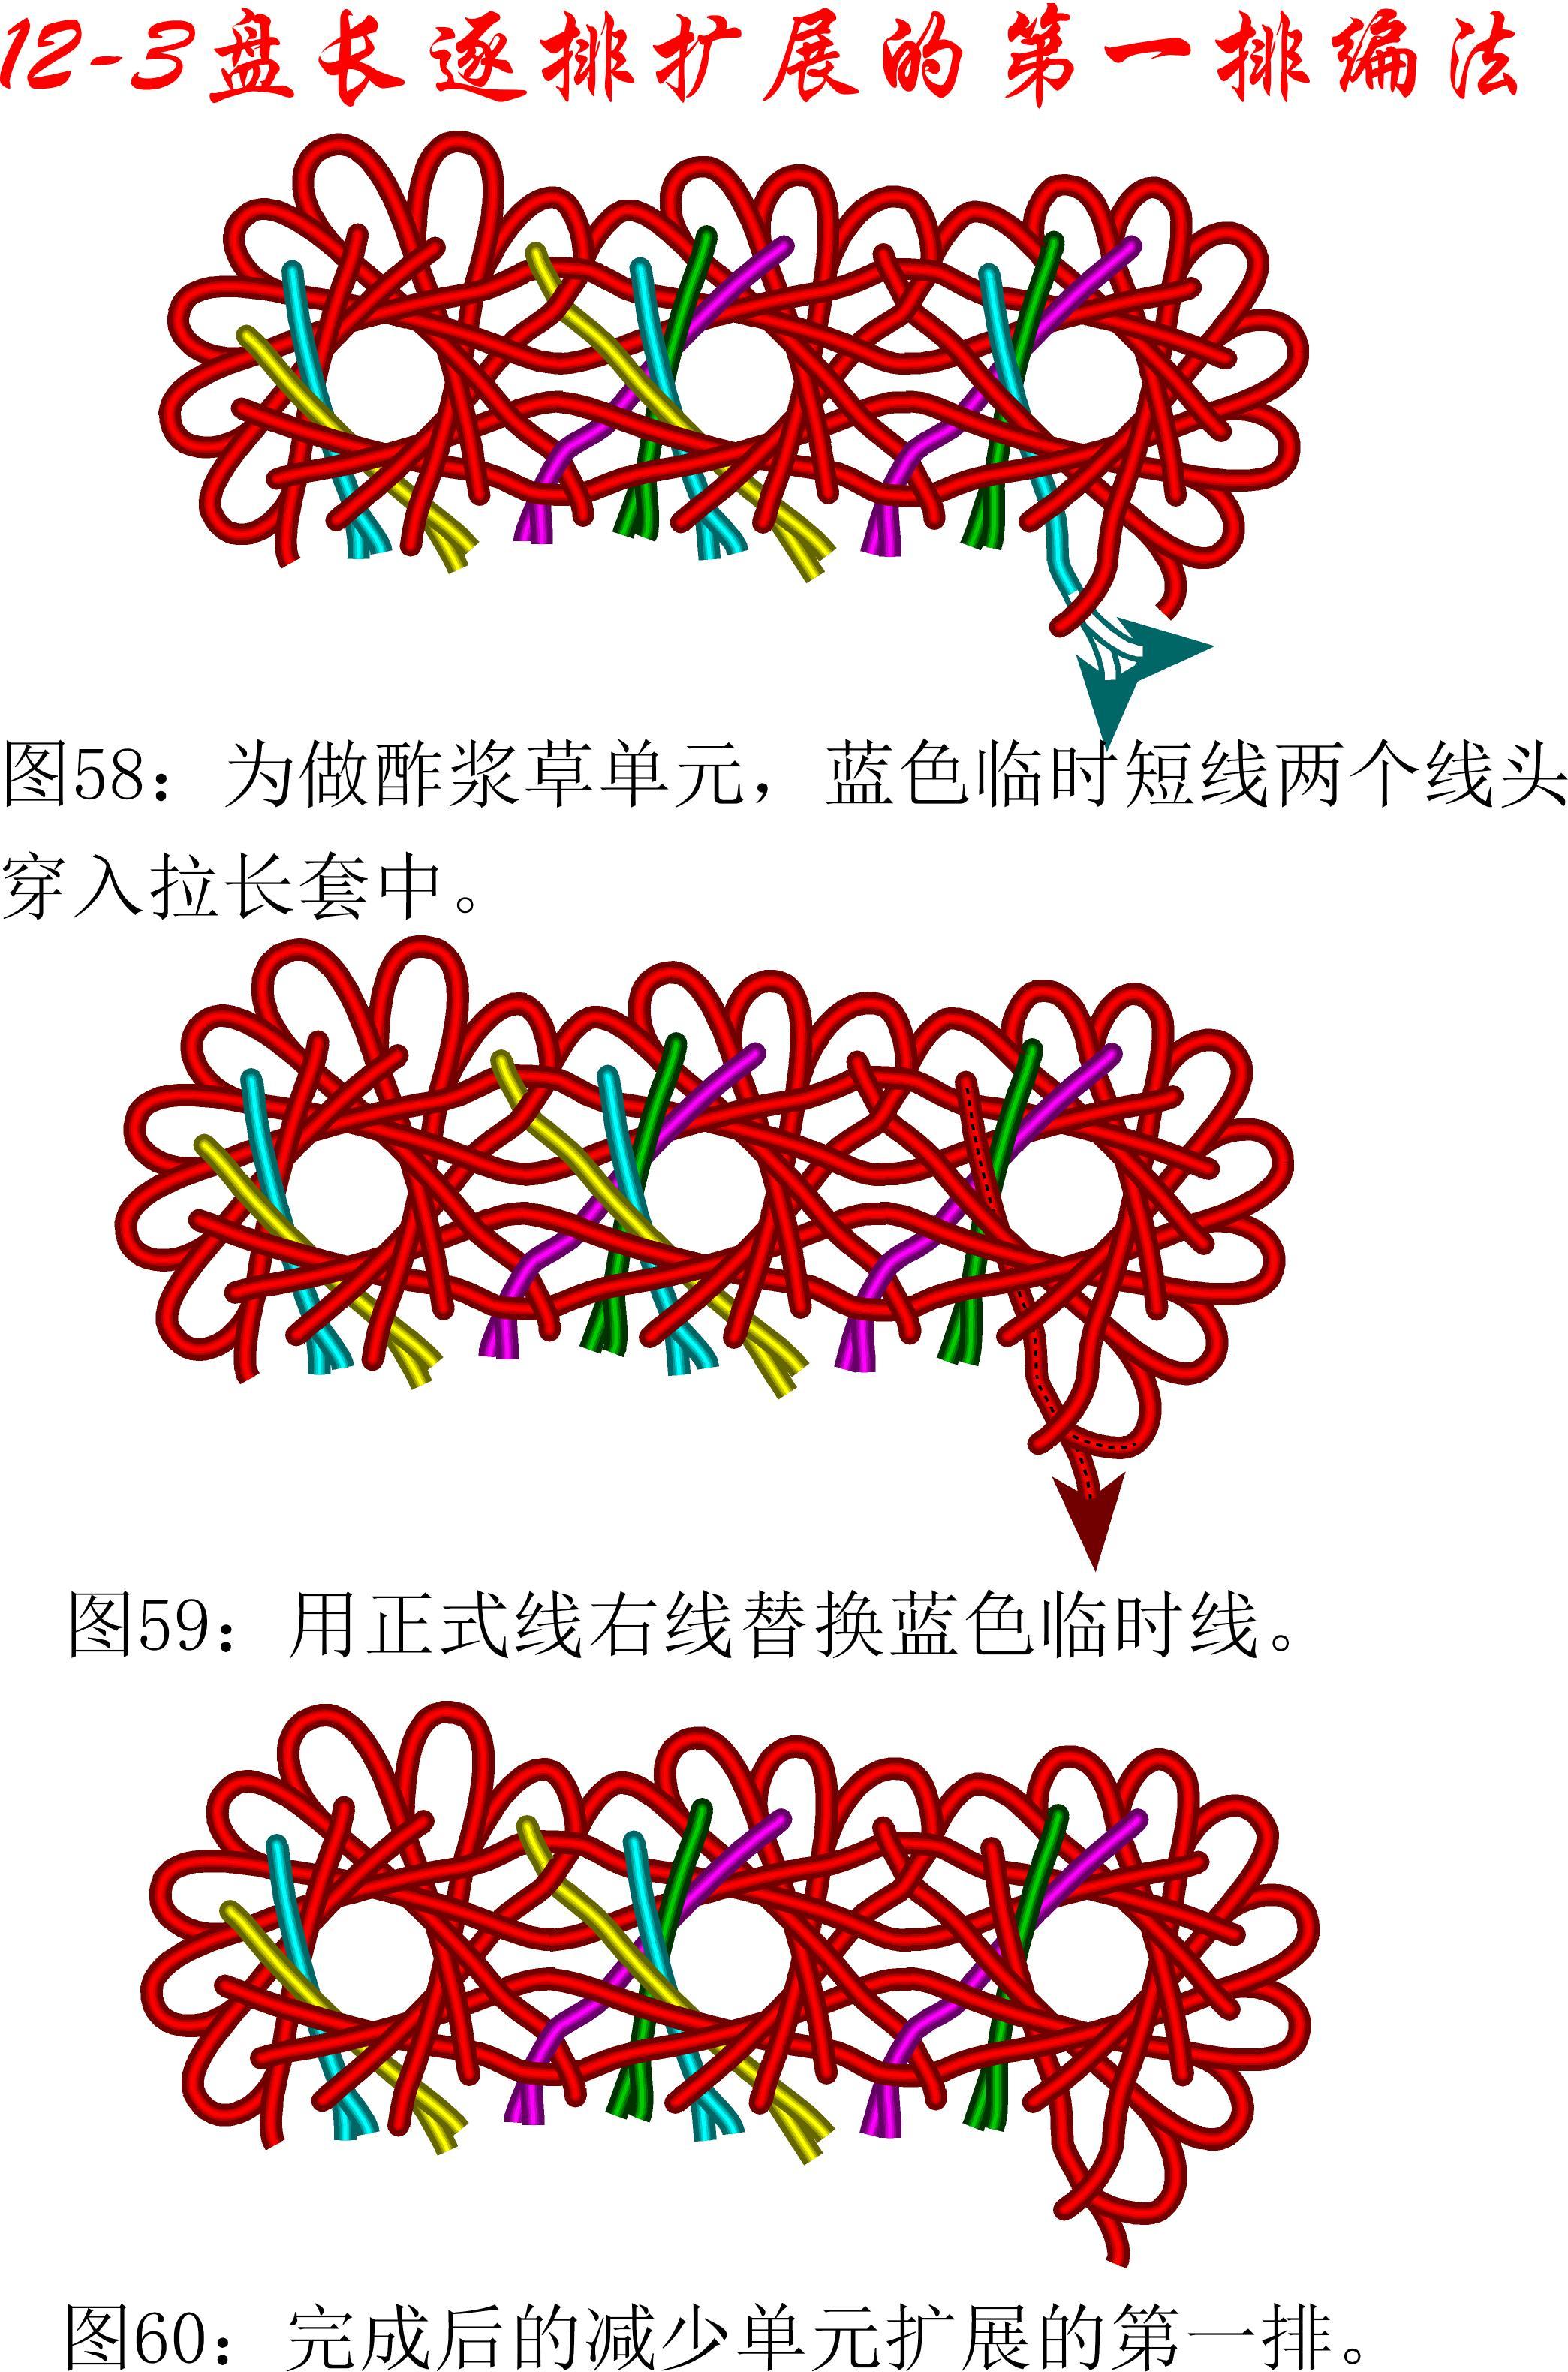 中国结论坛 12-3排扩展法第一排的基盘长编法教程 教程,共基接法,扩展法定义,定基分析法,扩展编码法 丑丑徒手编结 111458ydk0nfs5bwfzfkvb